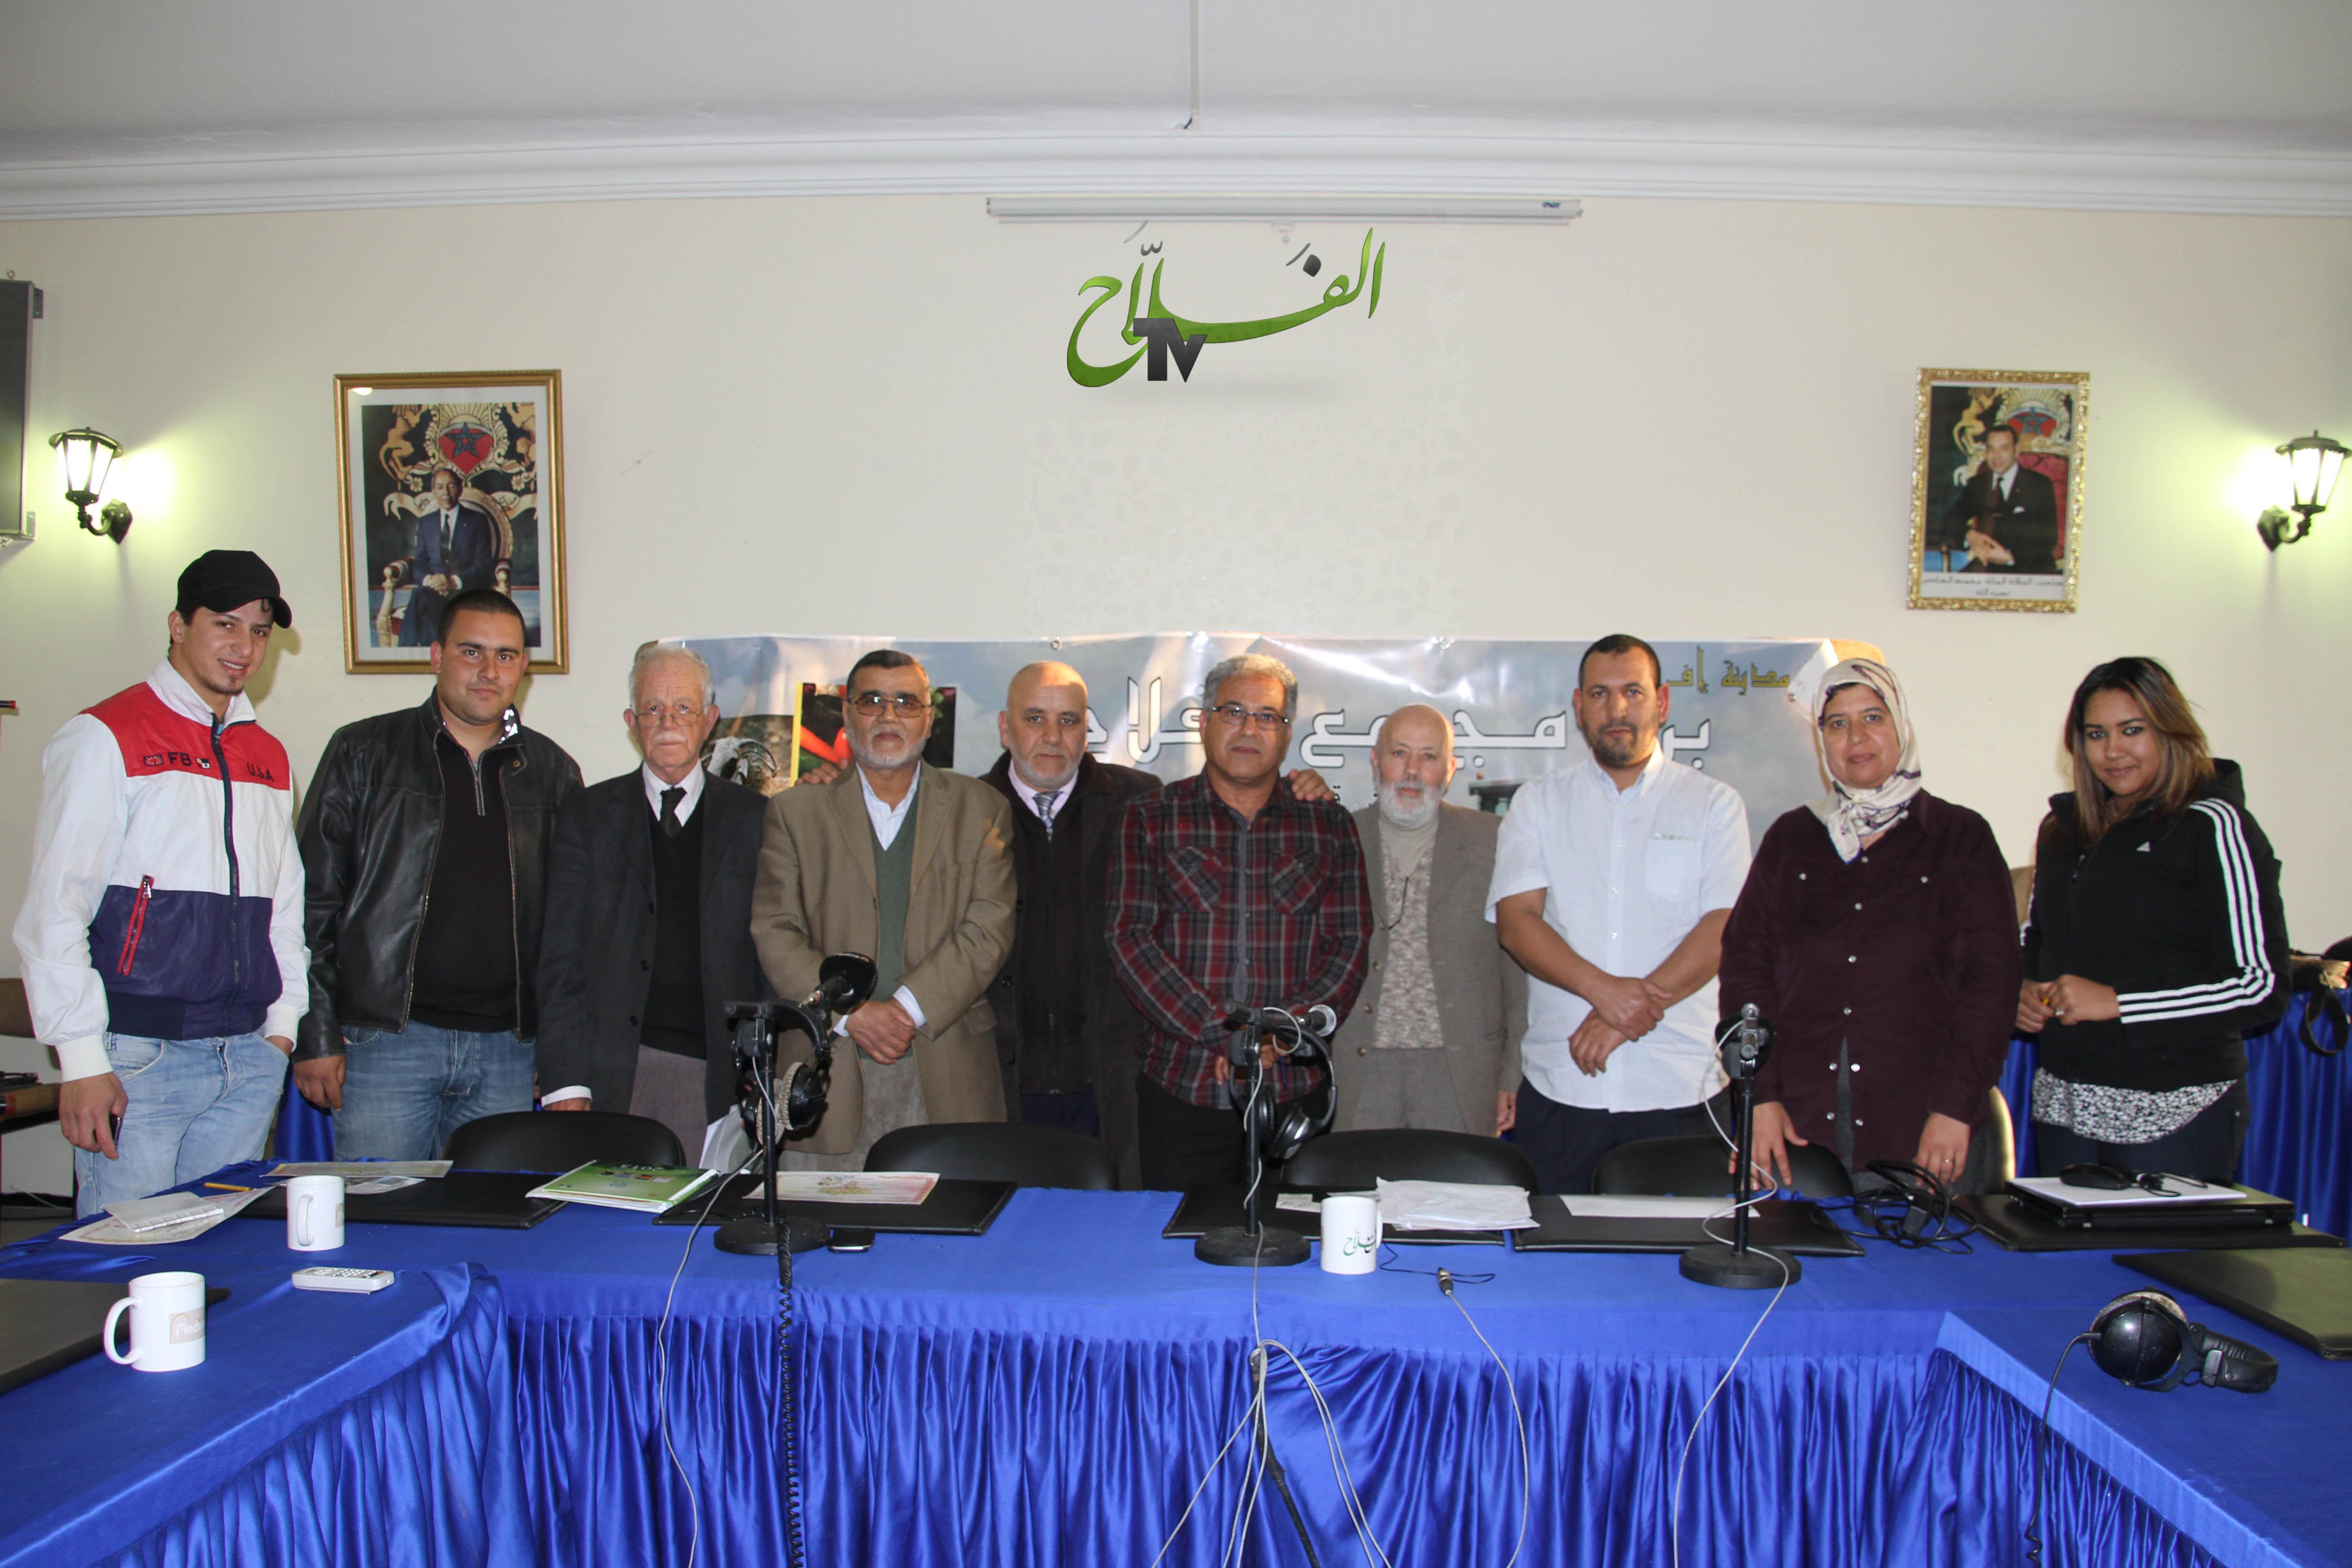 صور برنامج مع الفلاح ليوم الخميس 20 مارس 2014